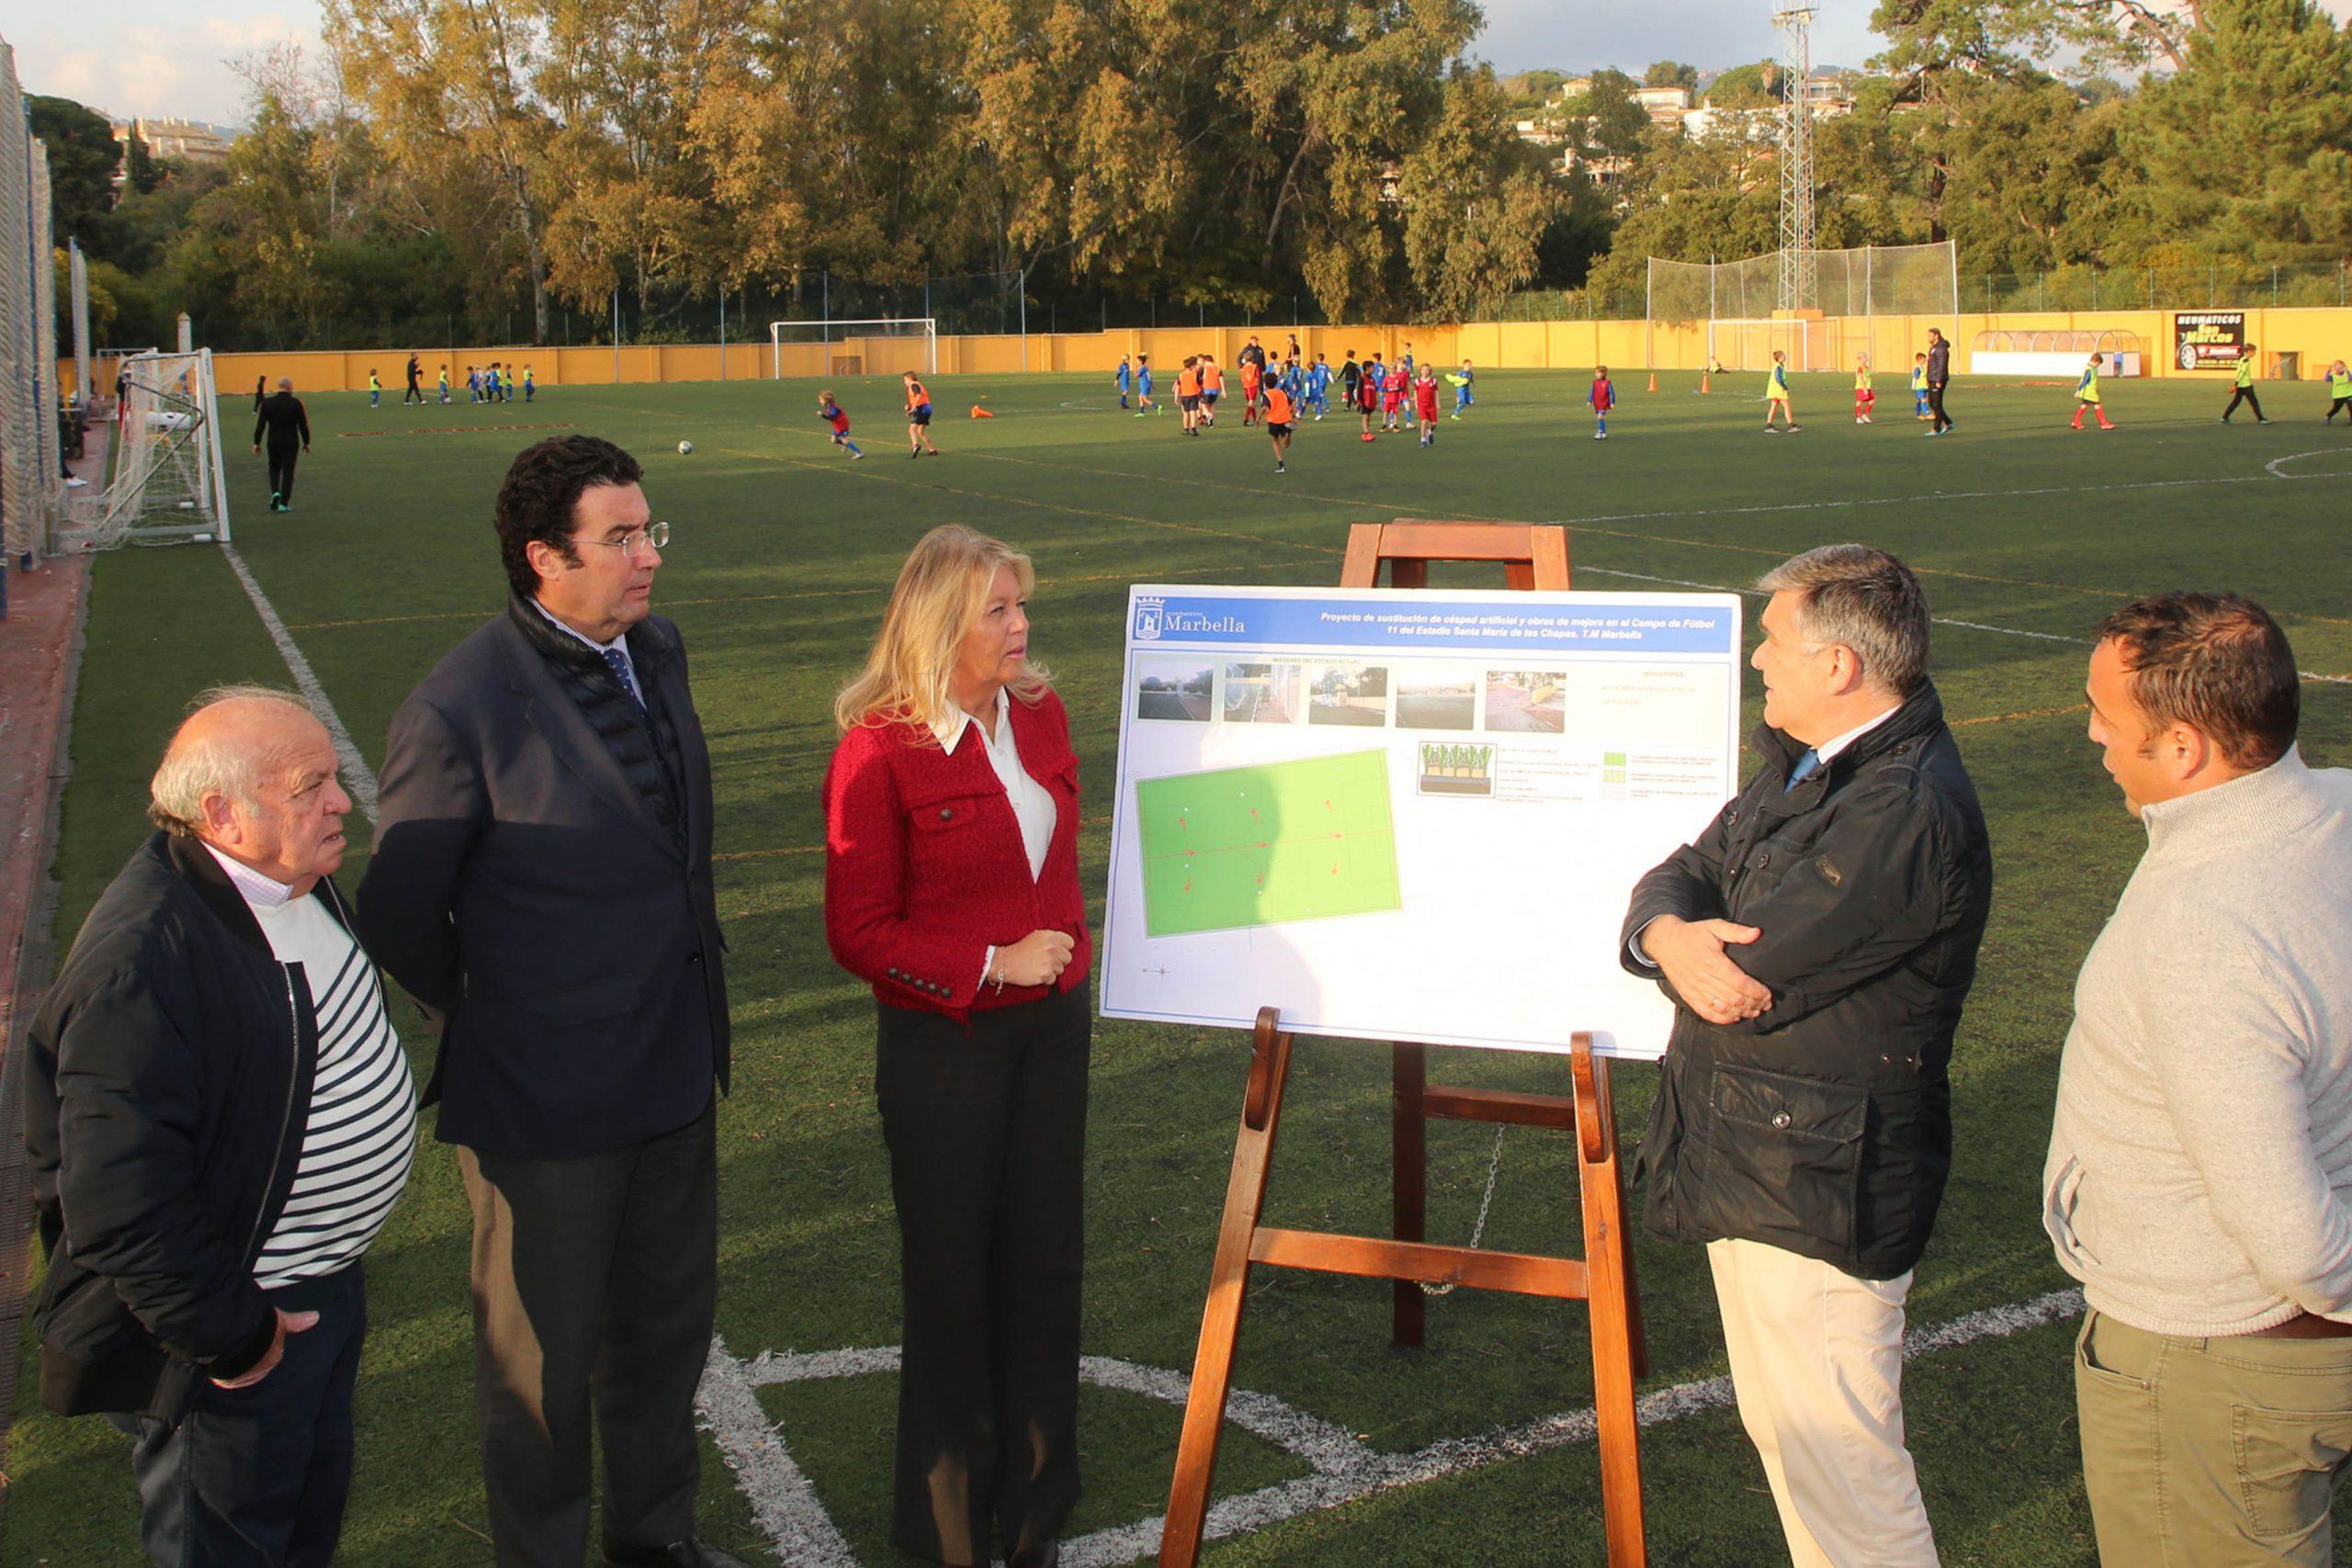 Se sustituirá el césped artificial y habrá obras de mejora en el Campo de Fútbol 11 del Estadio Santa María de Las Chapas